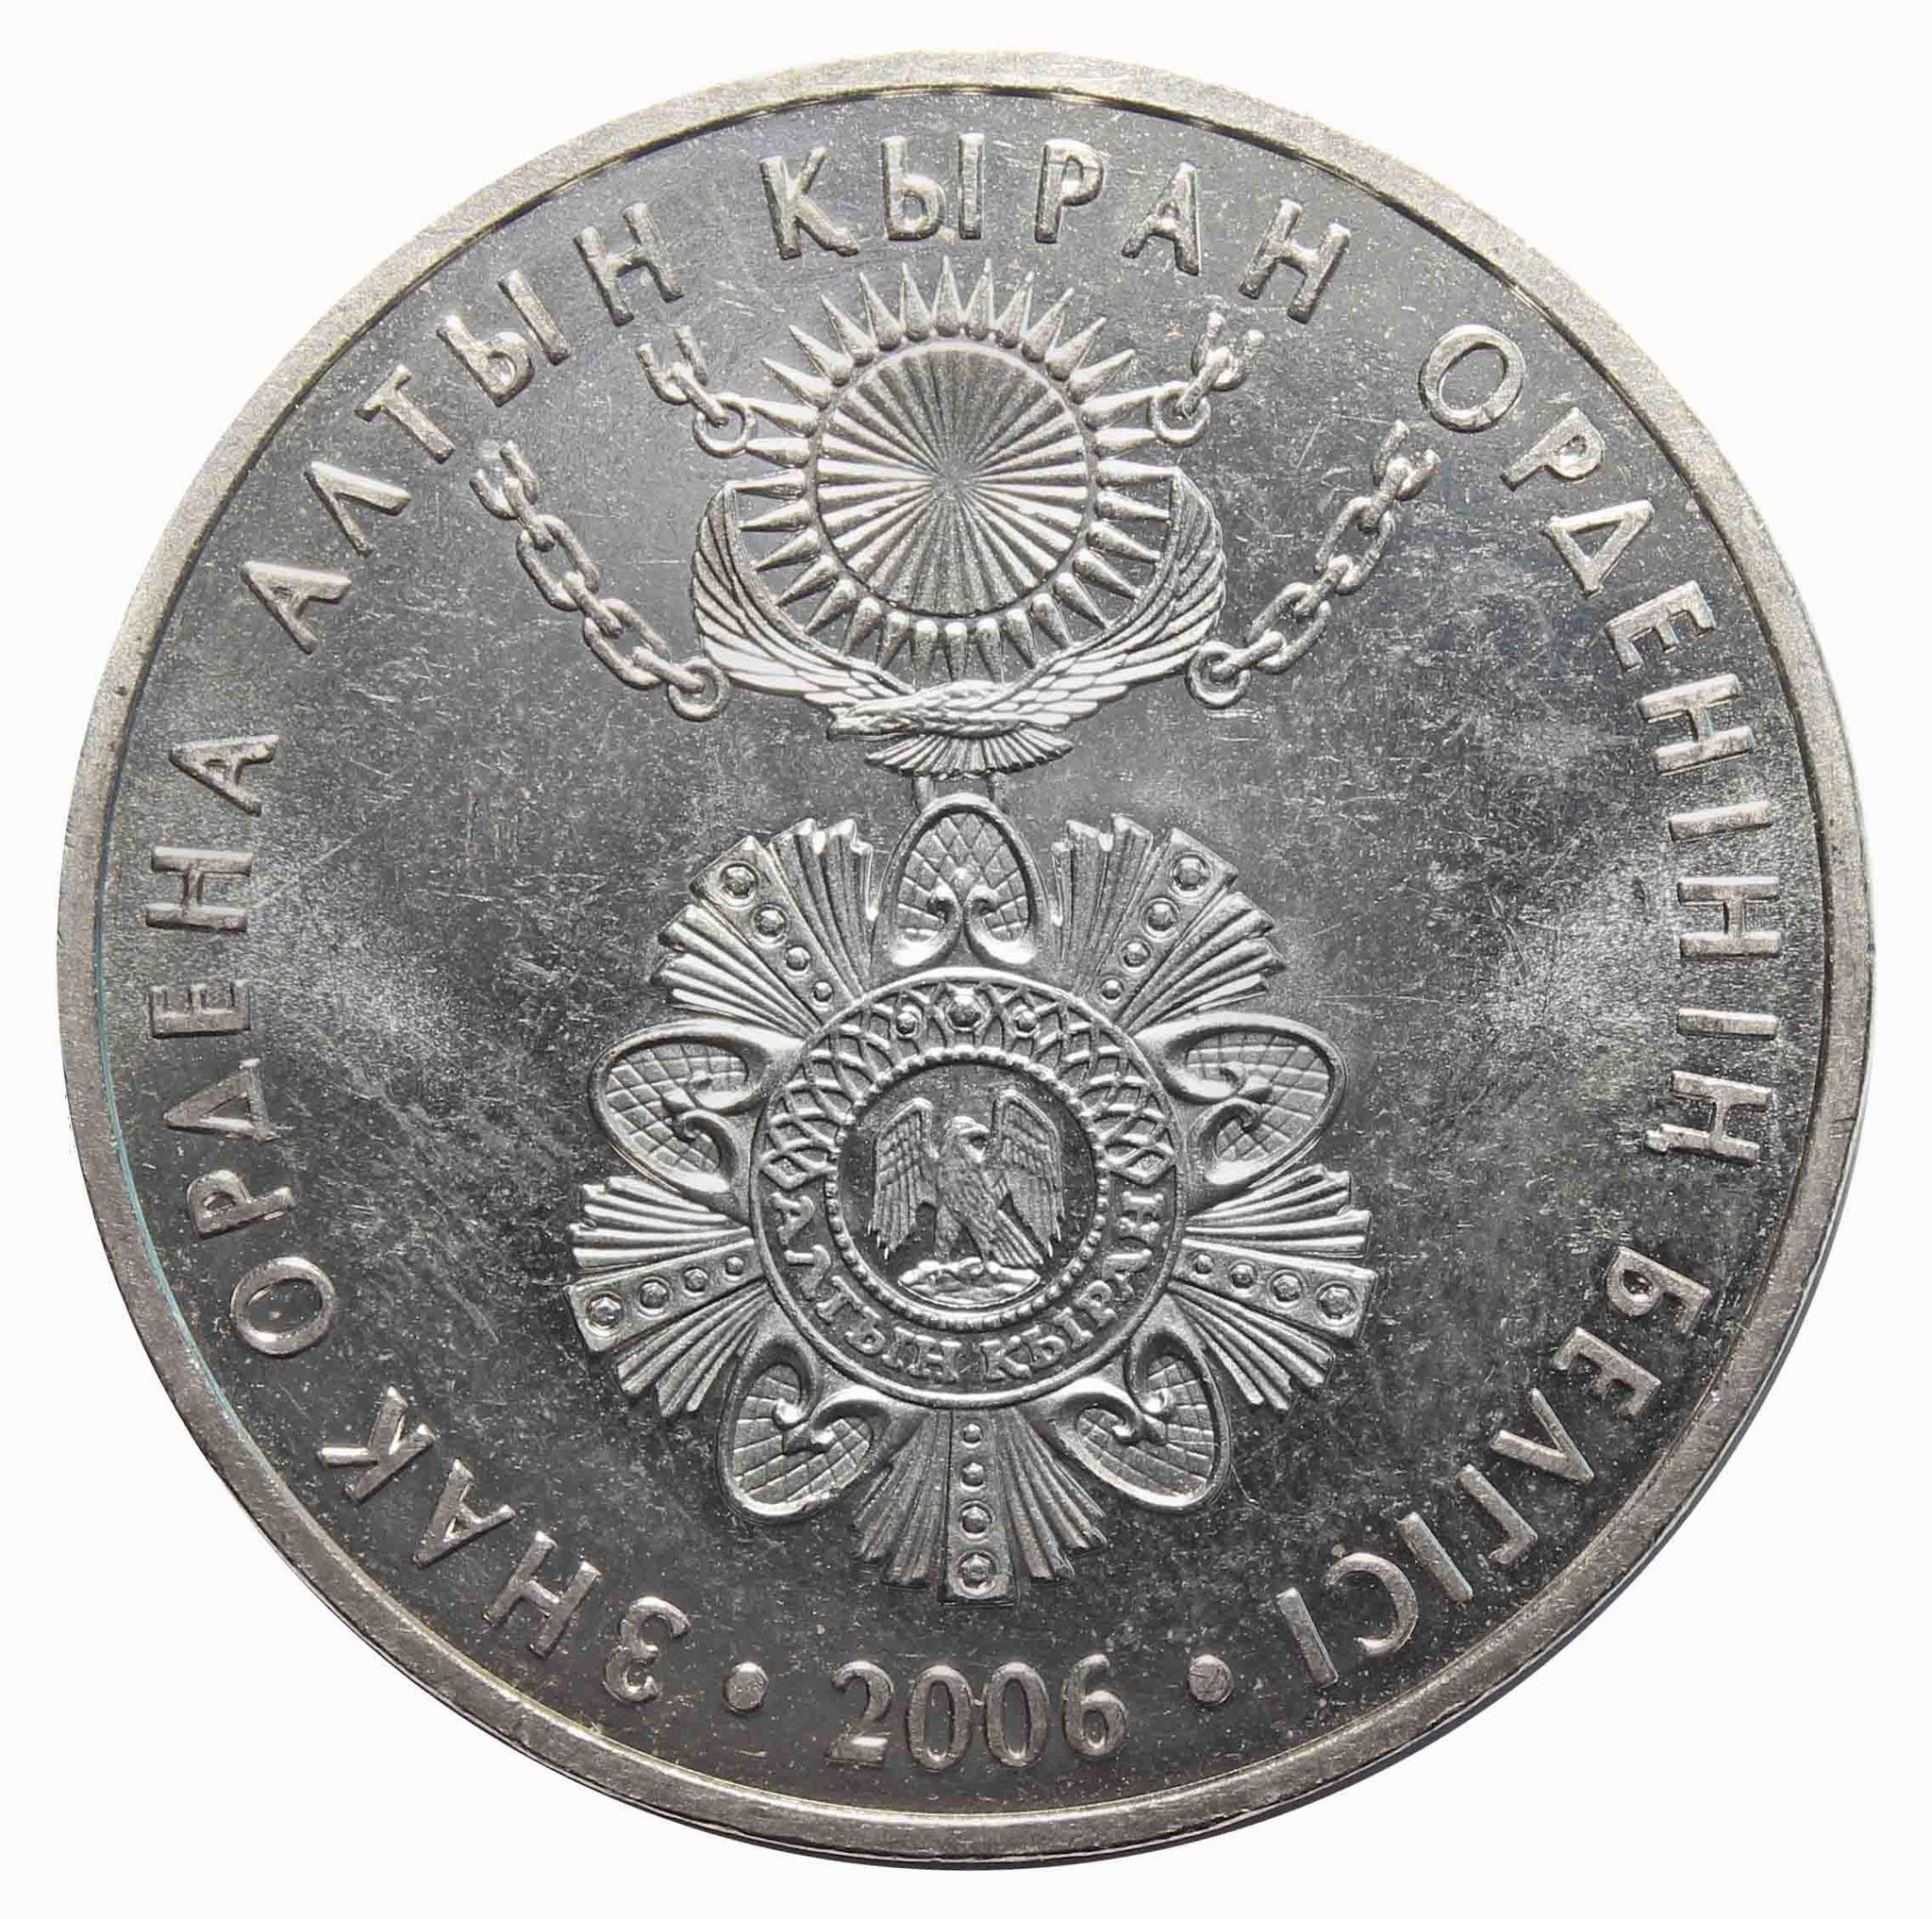 50 тенге. Знак ордена Алтын Кыран 2006 год